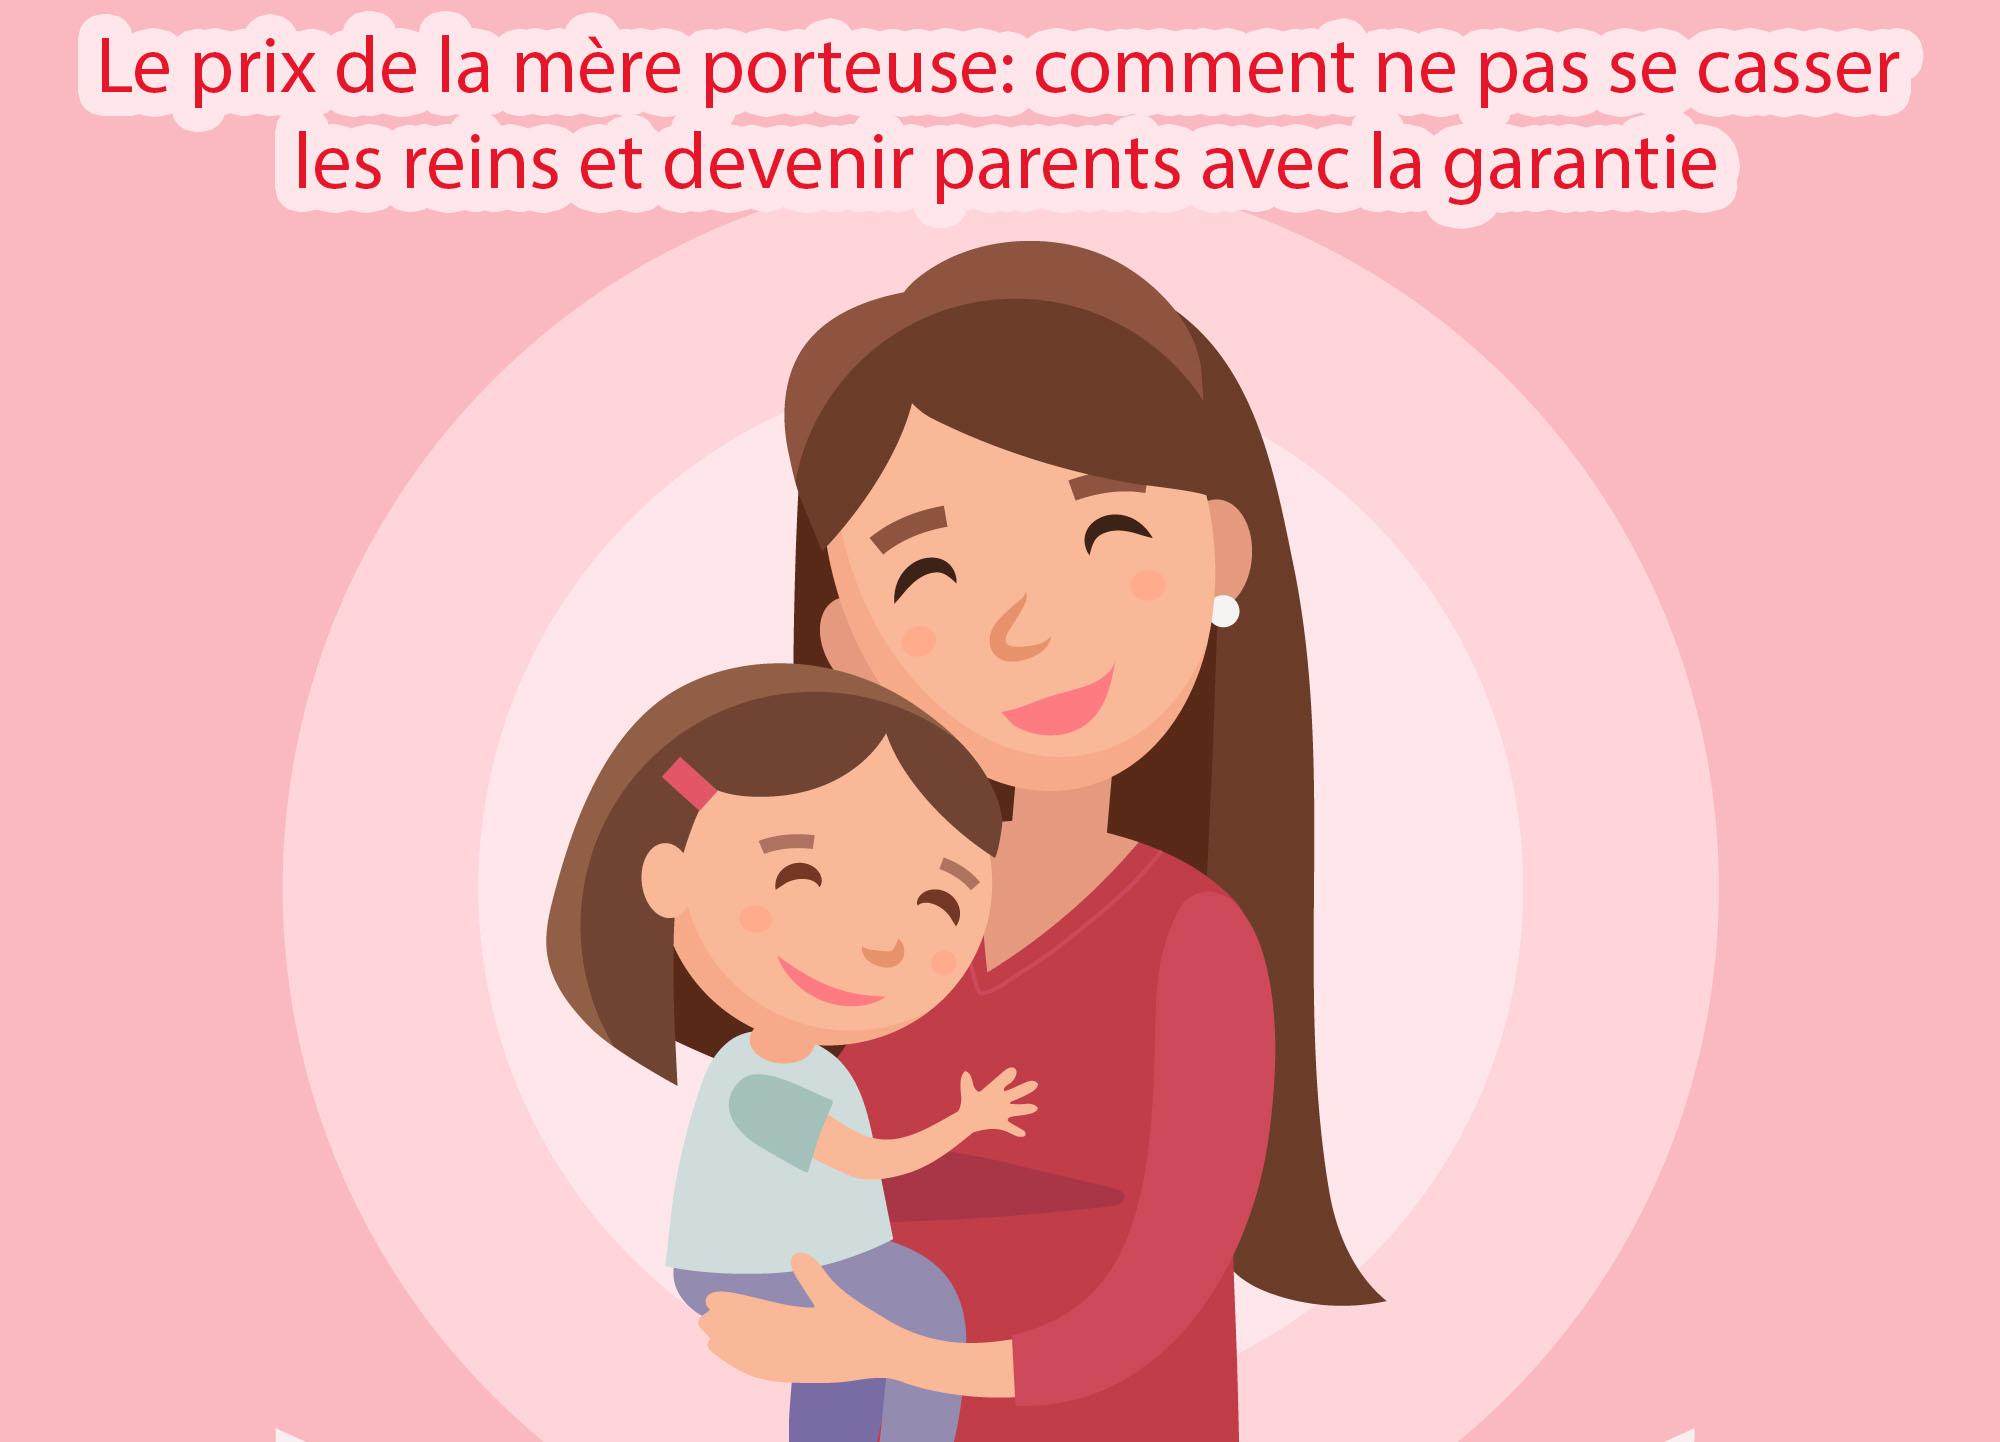 Le prix de la mère porteuse: comment ne pas se casser les reins et devenir parents avec la garantie